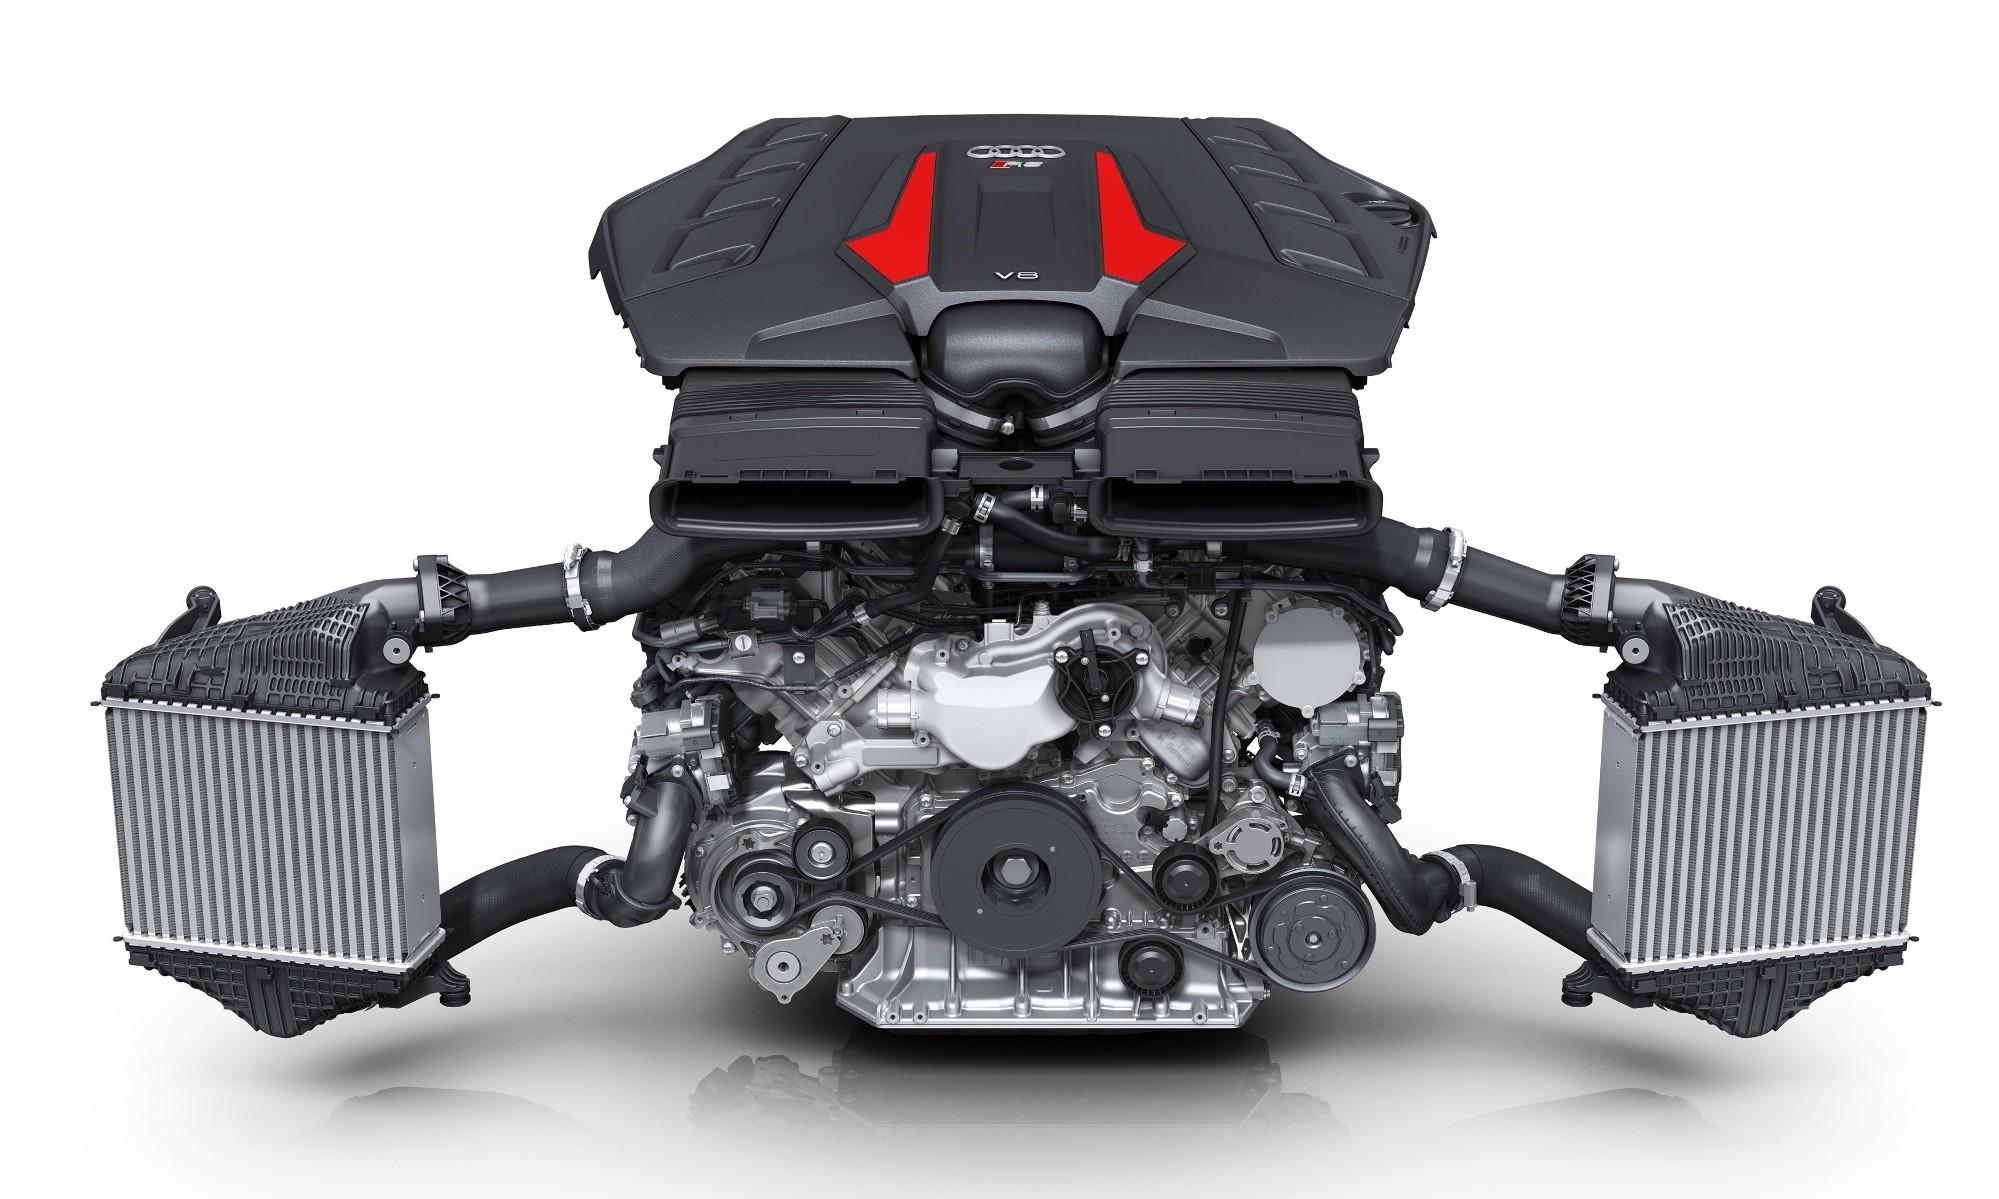 Audi RS Q8 engine